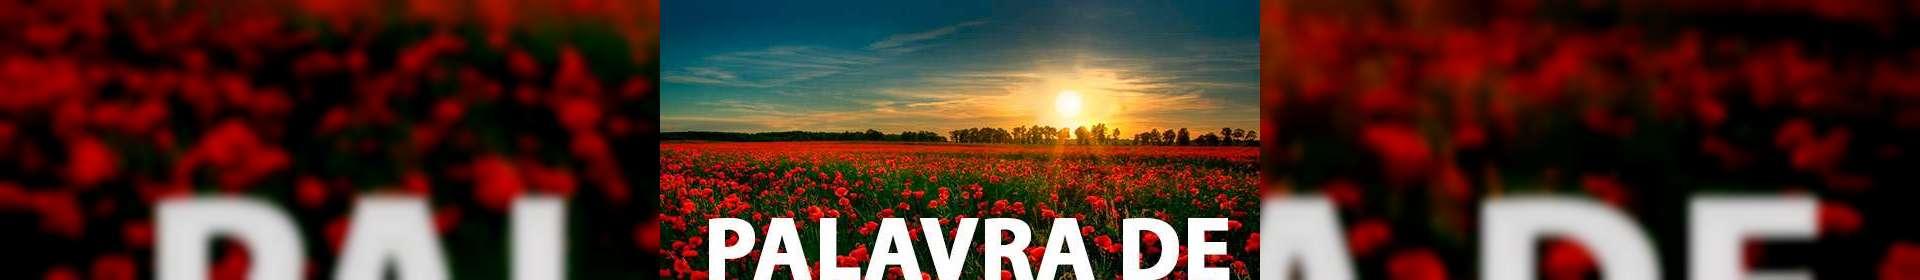 Salmos 84:1,2 - Uma Palavra de Esperança para sua vida